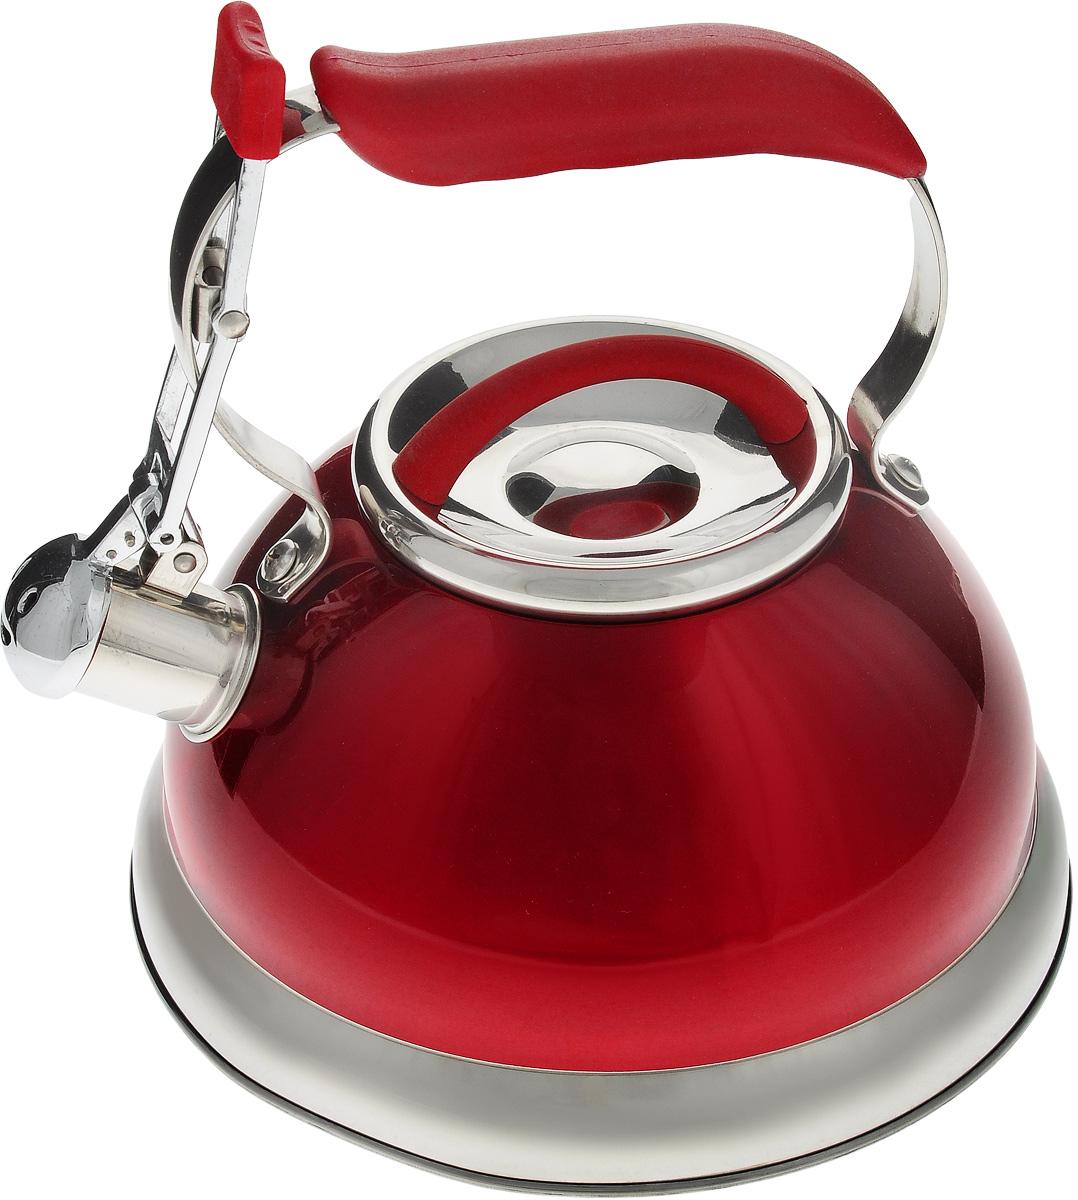 Чайник Calve, со свистком, цвет: красный, 2,7 лCL-1461_красныйЧайник Calve изготовлен из высококачественной нержавеющей стали с термоаккумулирующим дном. Нержавеющая сталь обладает высокой устойчивостью к коррозии, не вступает в реакцию с холодными и горячими продуктами и полностью сохраняет их вкусовые качества. Особая конструкция дна способствует высокой теплопроводности и равномерному распределению тепла. Чайник оснащен удобной пластиковой ручкой с покрытием Soft-Touch. Носик чайника имеет откидной свисток, звуковой сигнал которого подскажет, когда закипит вода. Подходит для всех типов плит, включая индукционные. Можно мыть в посудомоечной машине. Диаметр чайника (по верхнему краю): 10 см. Высота чайника (без учета ручки и крышки): 11,5 см. Высота чайника (с учетом ручки): 21 см.